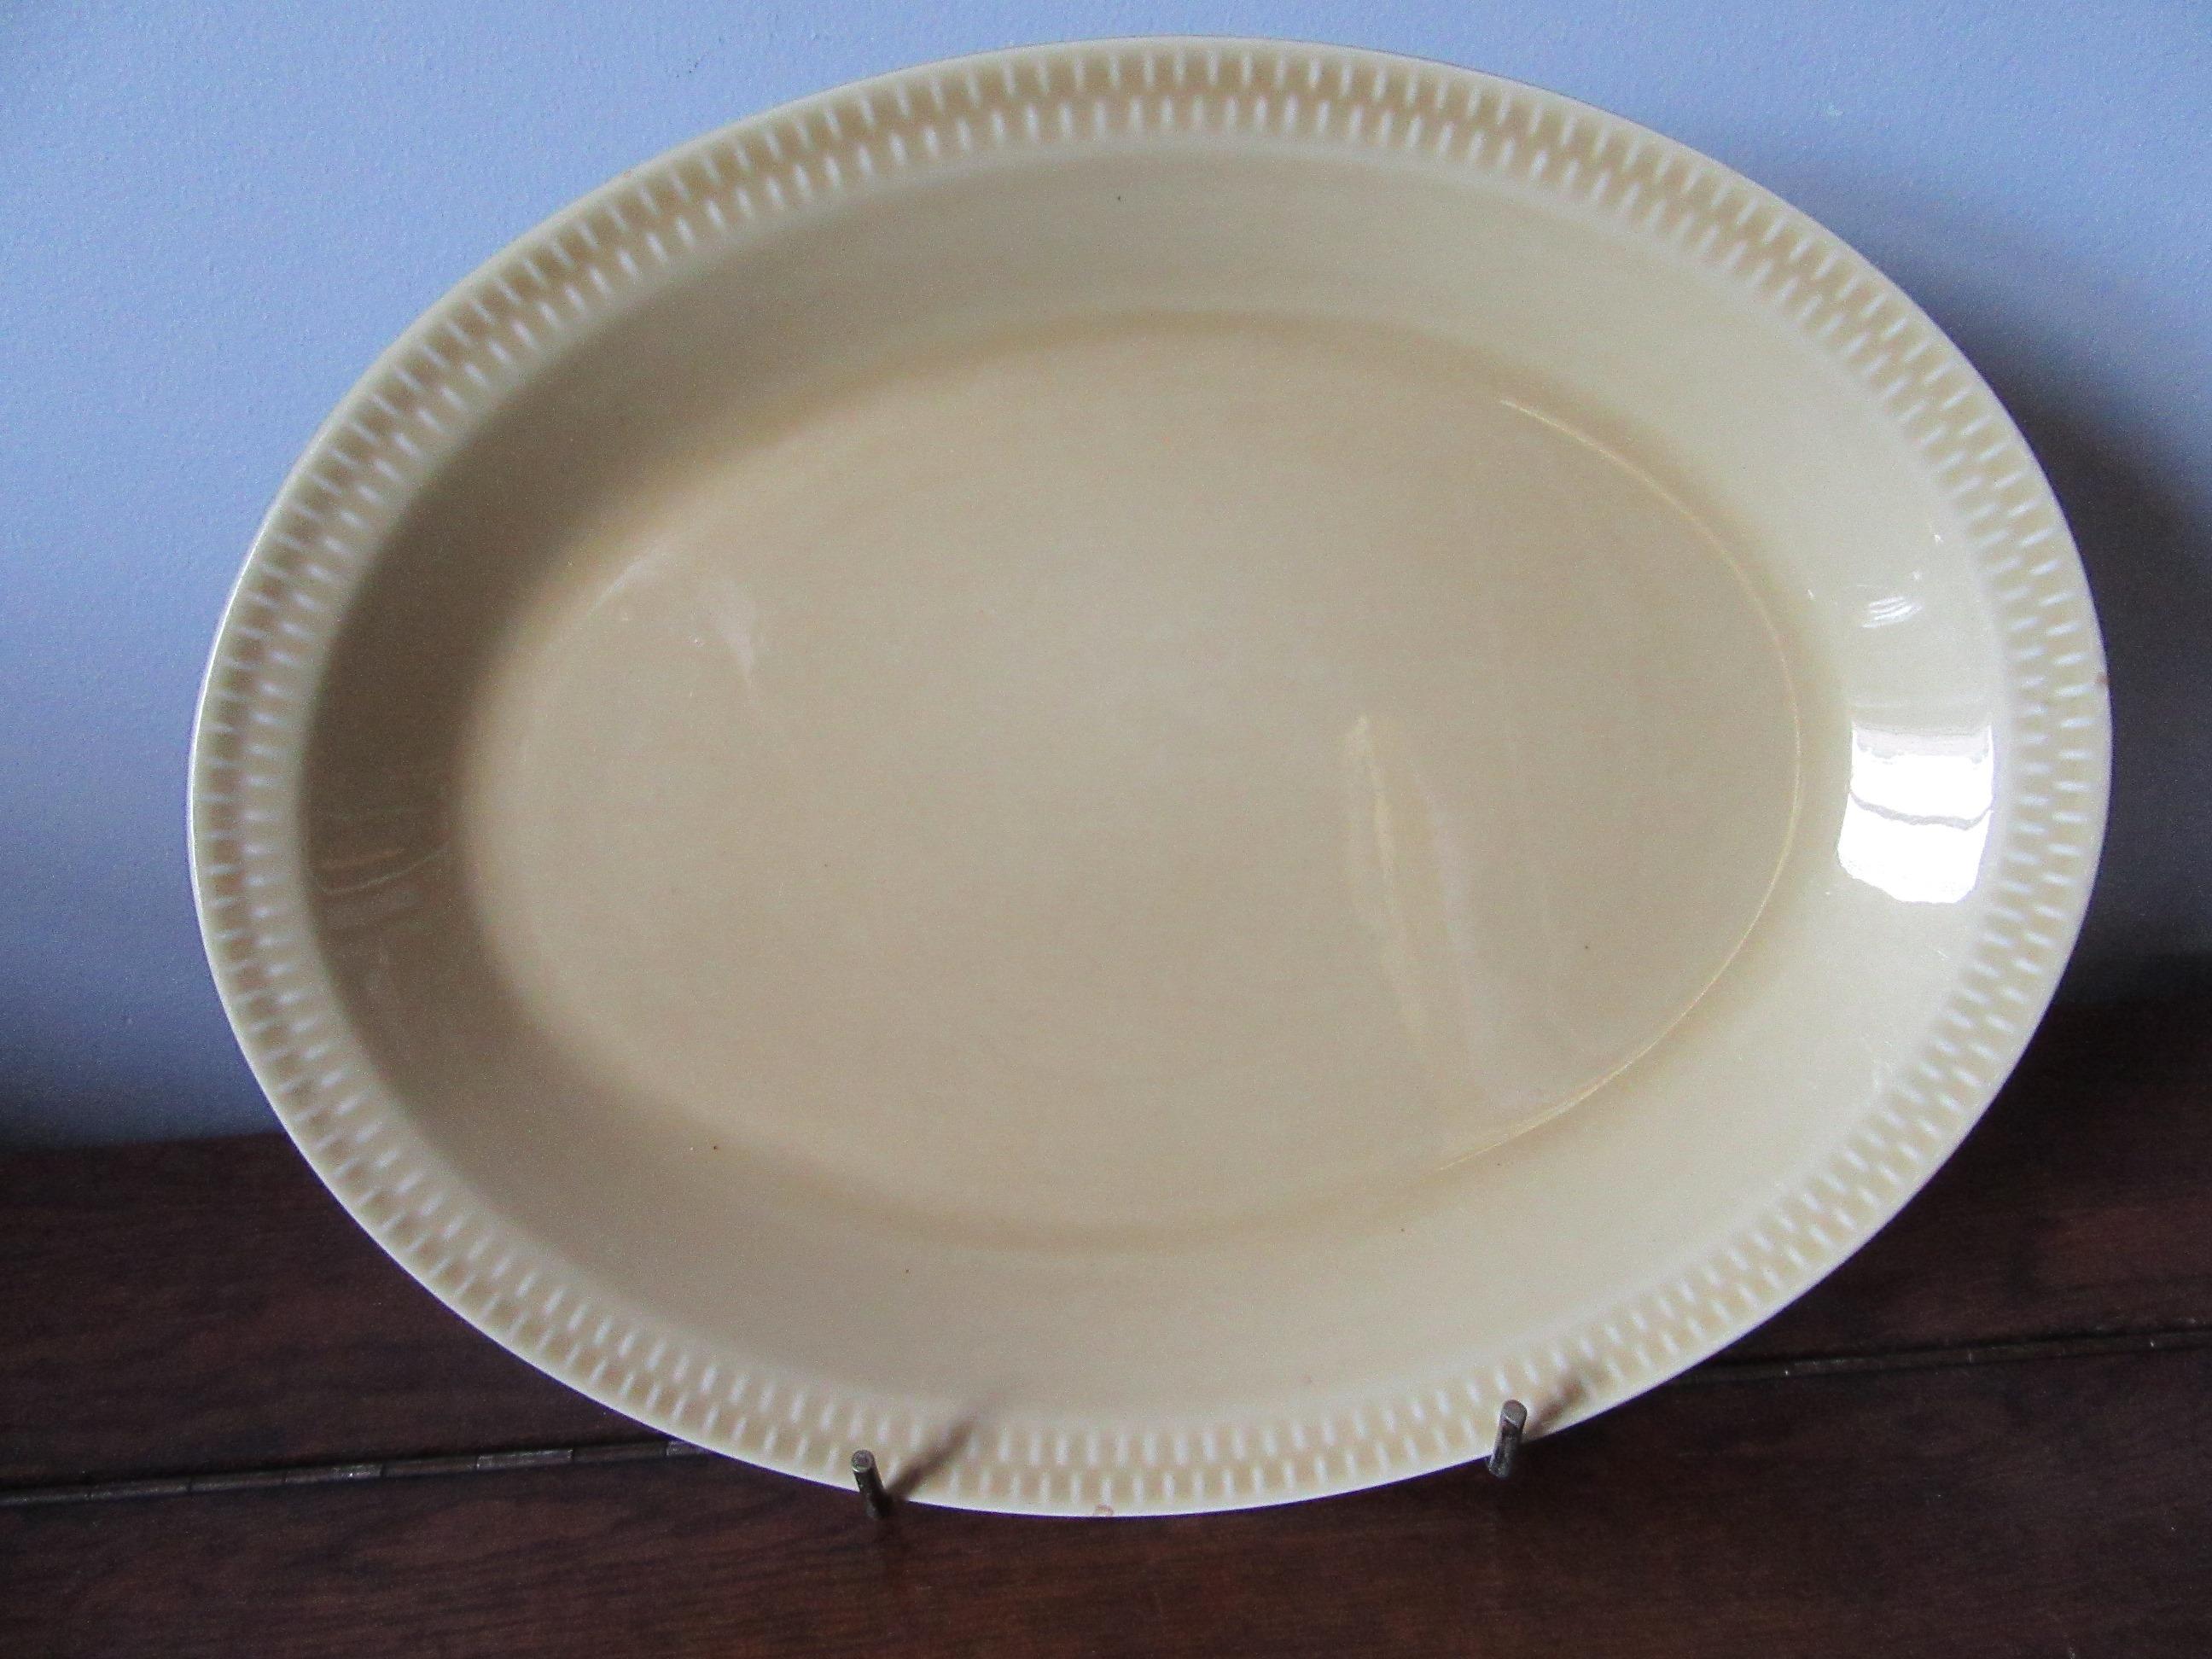 stavangerflint brunette dinner plates gold oval norway 1970s x 2 inger waage. Black Bedroom Furniture Sets. Home Design Ideas